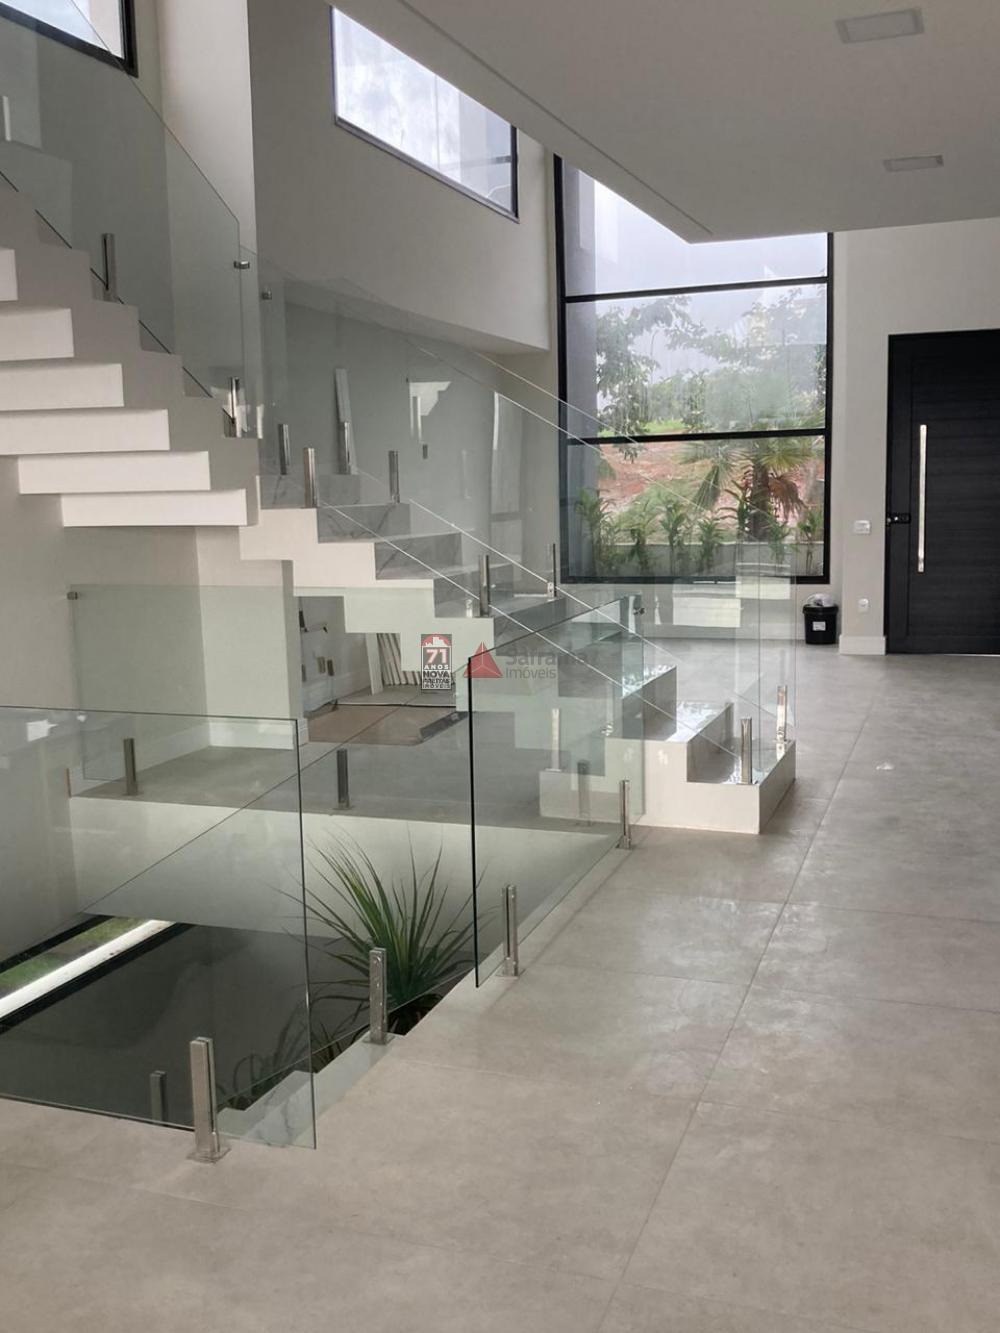 Comprar Casa / Sobrado em Condomínio em São José dos Campos apenas R$ 3.000.000,00 - Foto 4